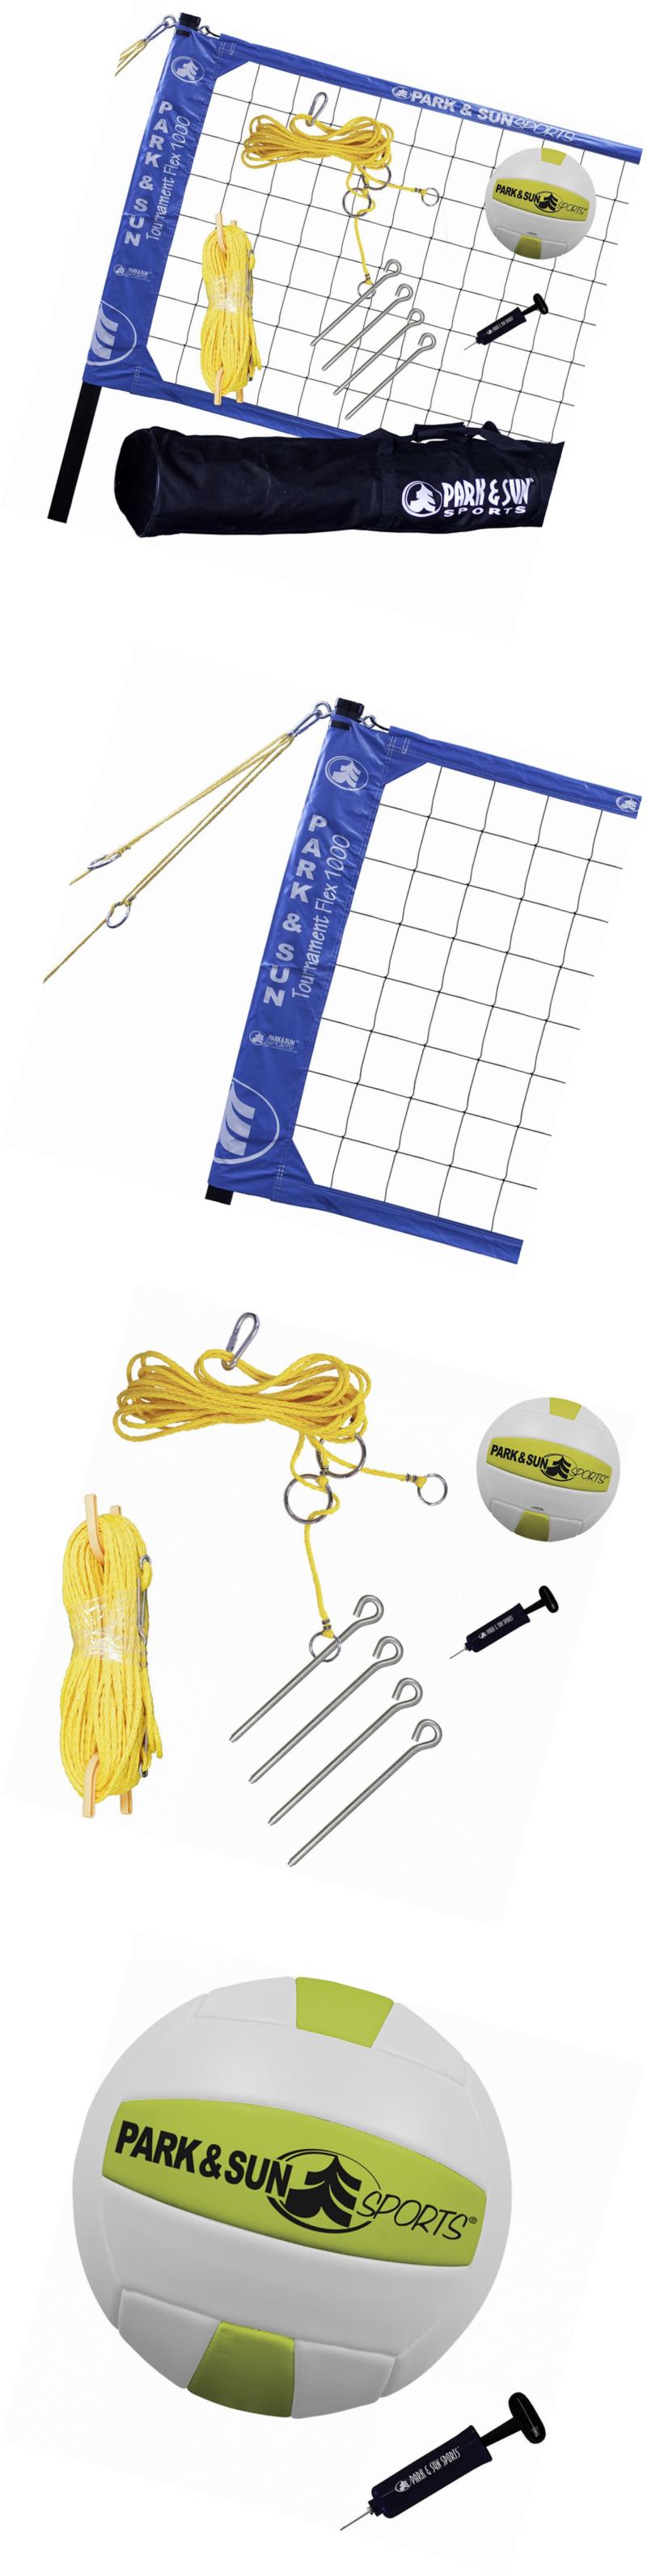 nets 159131 park and sun sports tournament flex 1000 portable